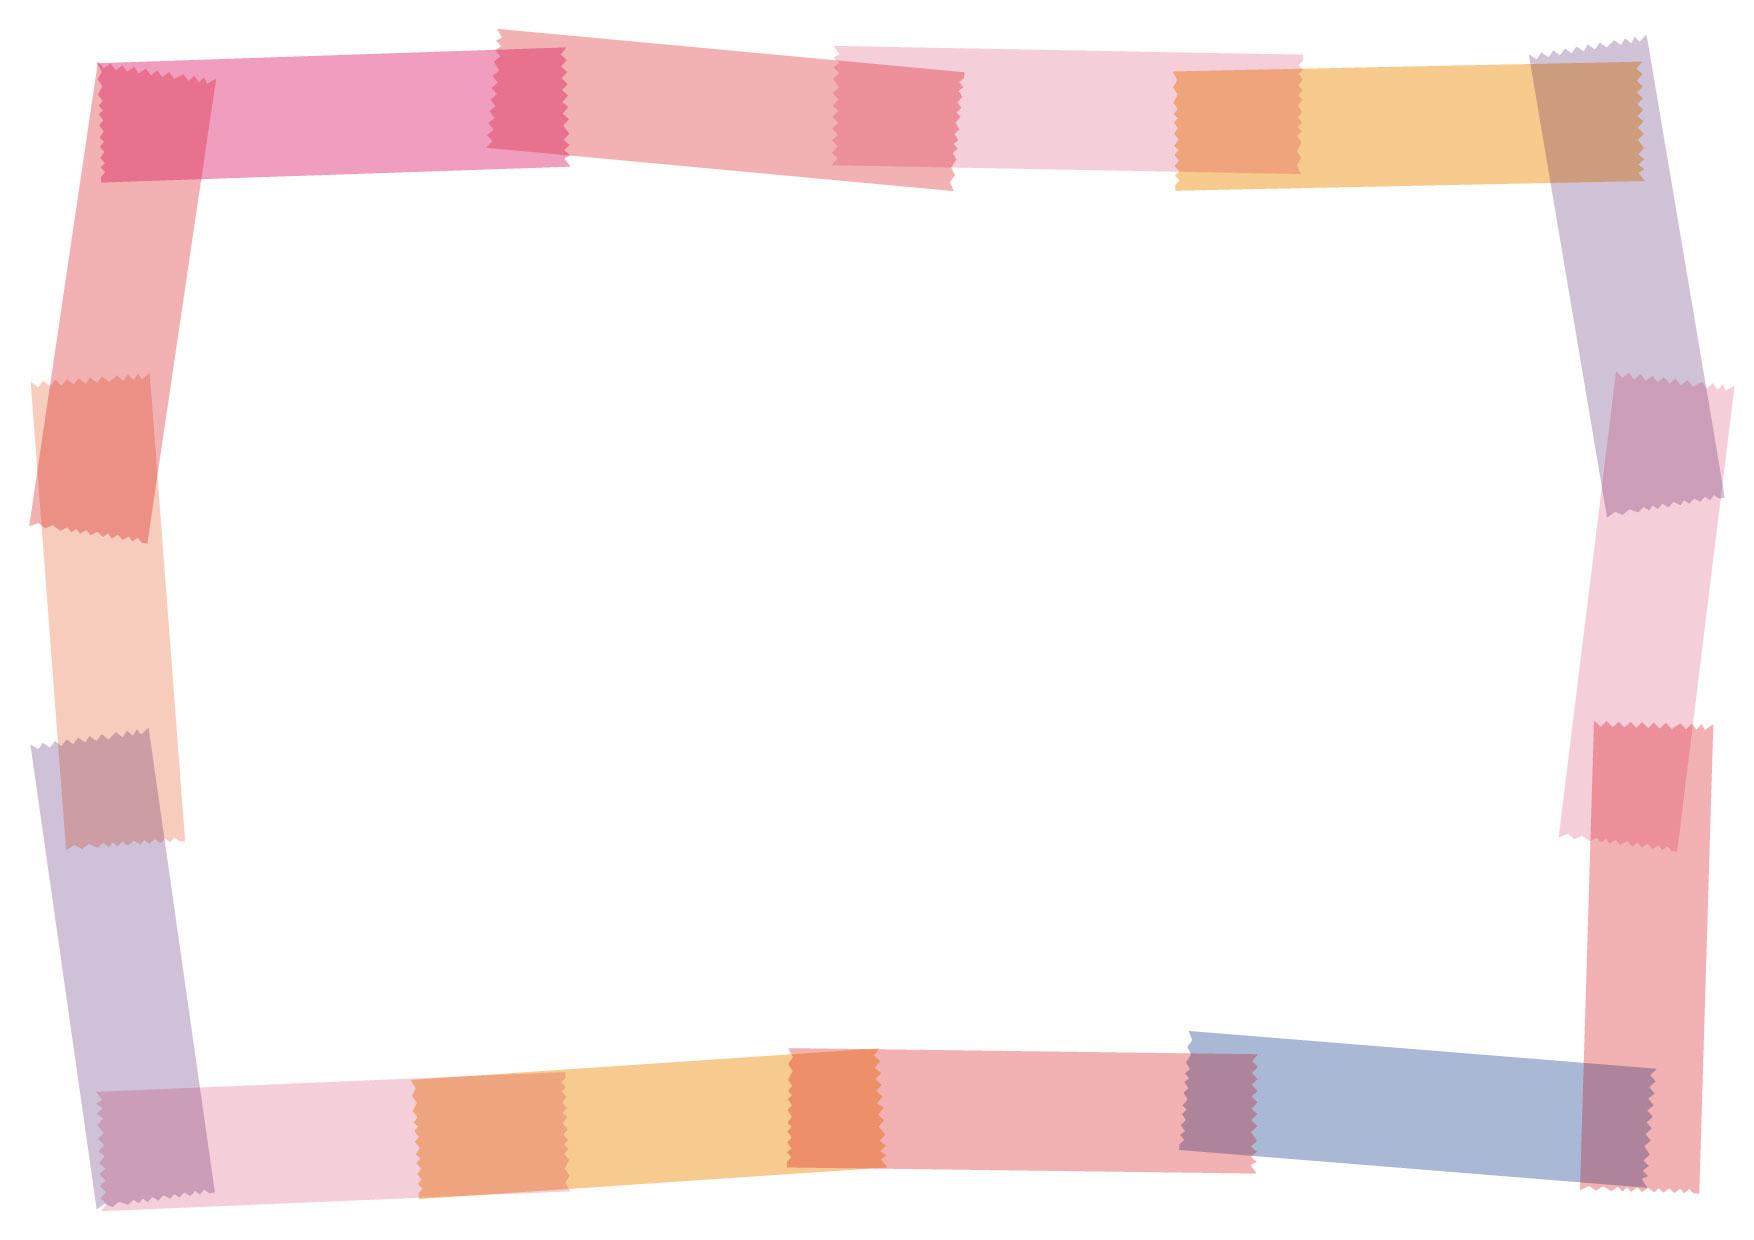 テープ フレーム ピンク イラスト 無料